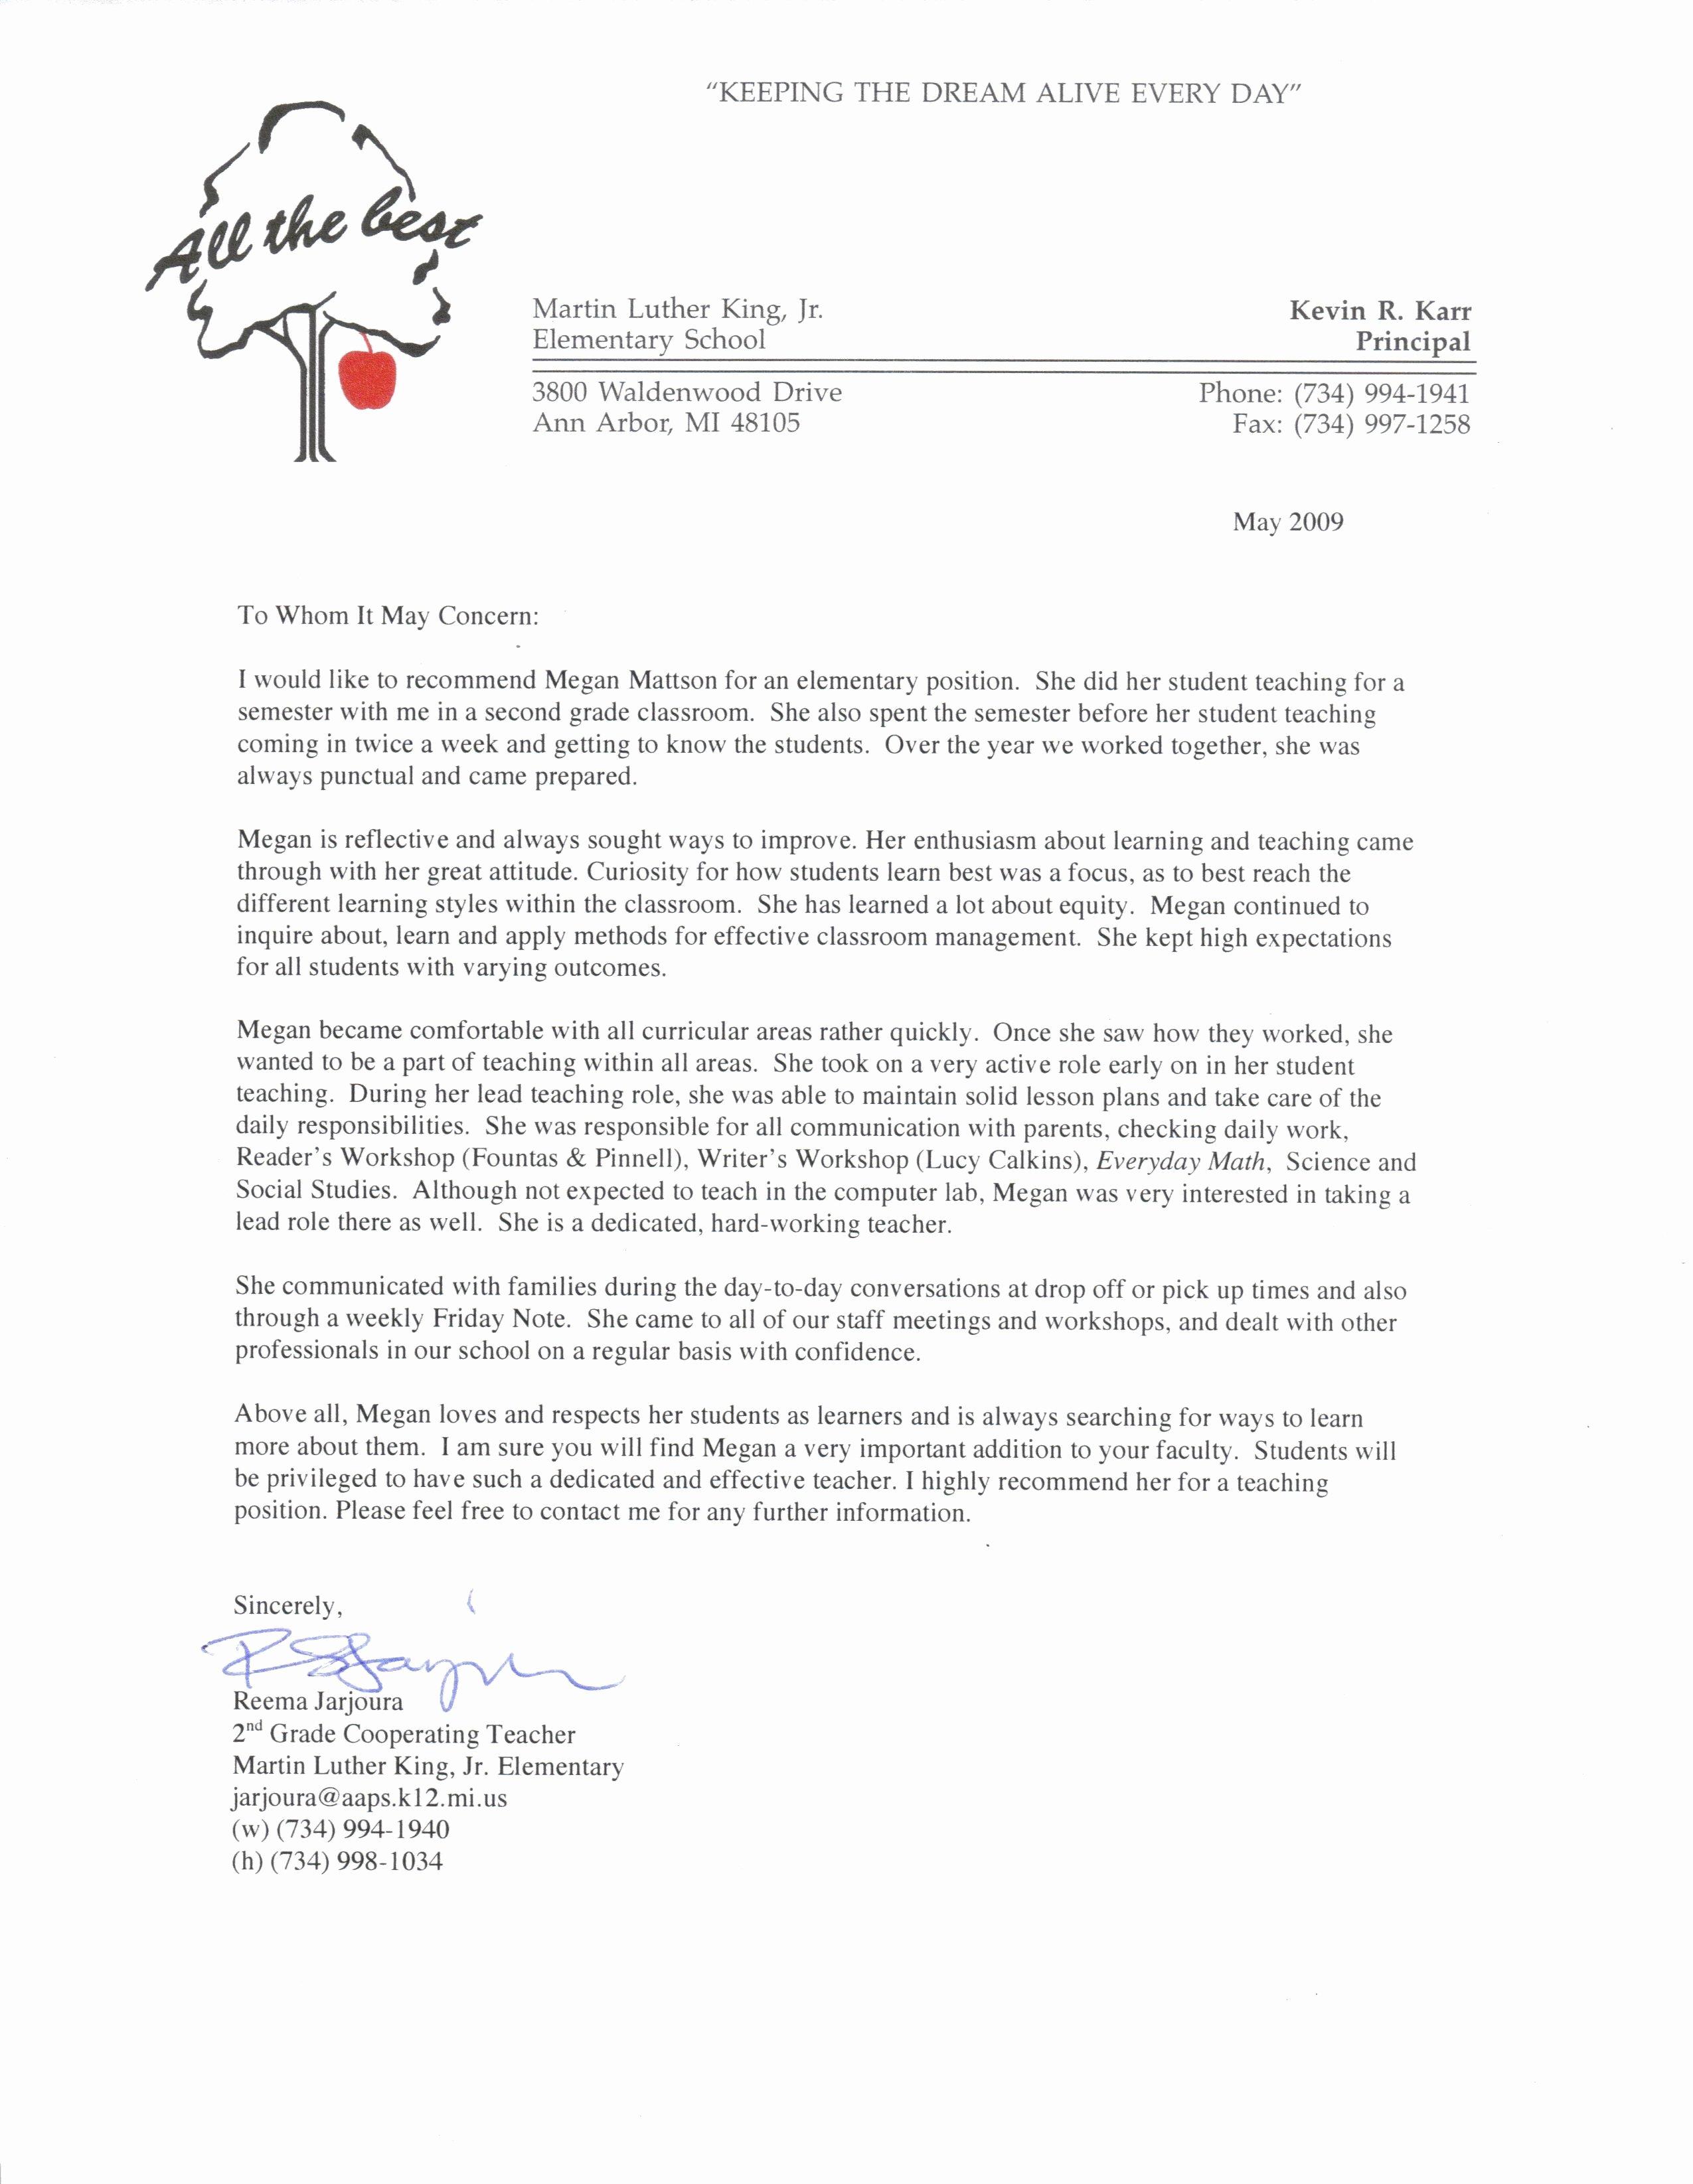 Teacher Letter Of Recommendation Samples Best Of Re Mendation Letter Sample for Teacher From Student